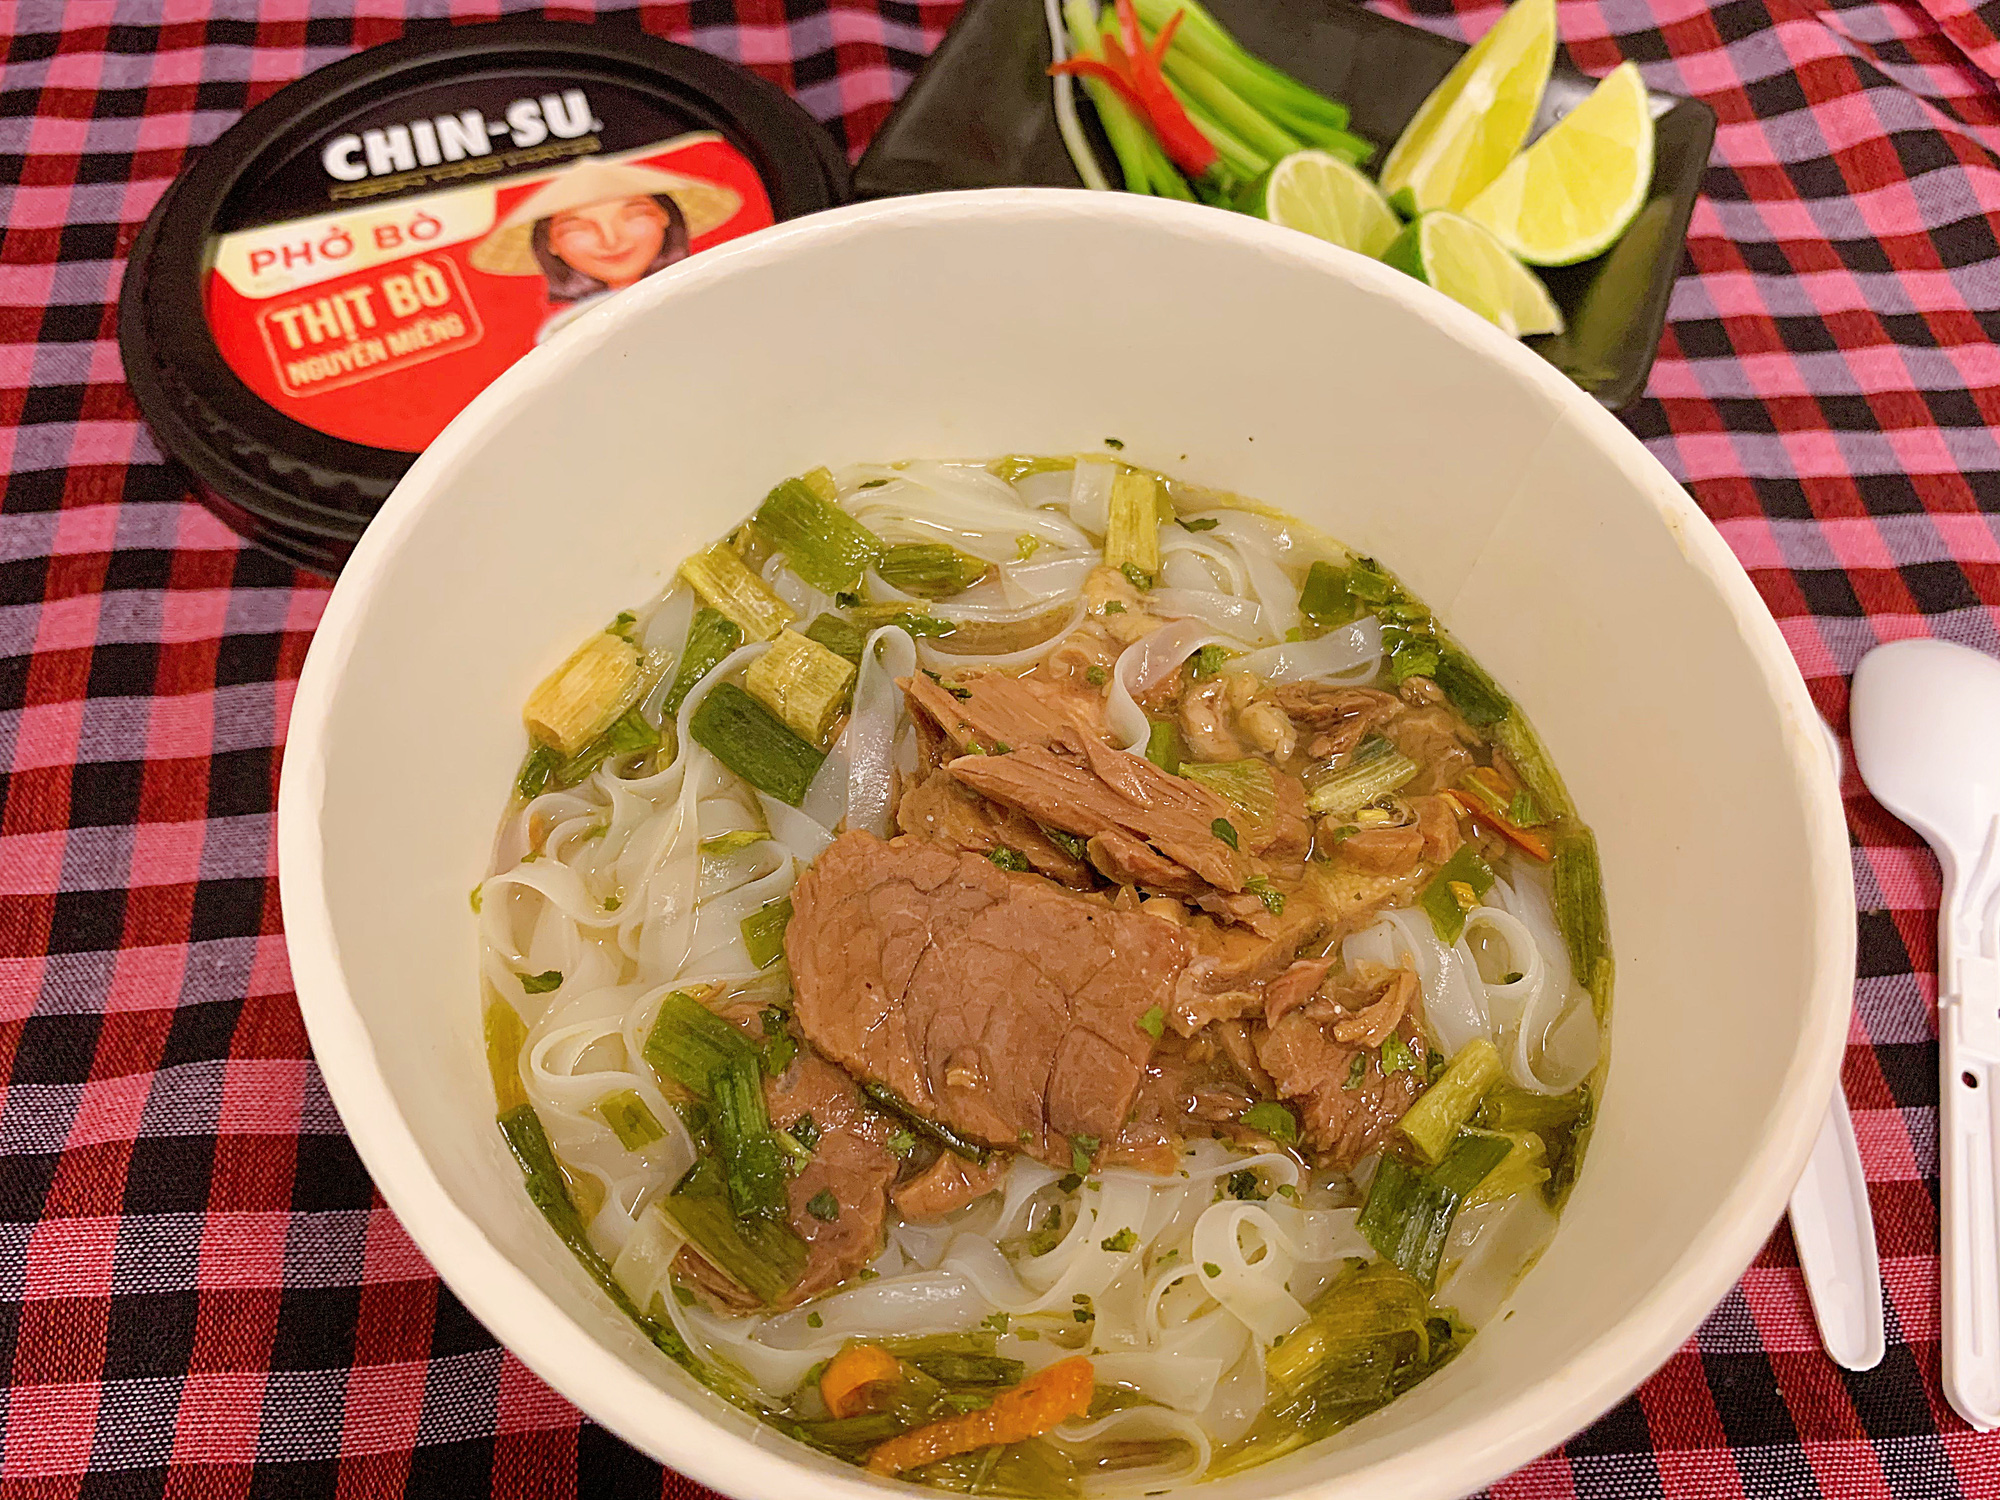 """Thành viên nhóm review ẩm thực hàng đầu Việt Nam bàn tán về loại phở ăn liền đang hot gần đây: Bất ngờ bởi thịt bò xịn"""" nguyên miếng!-3"""